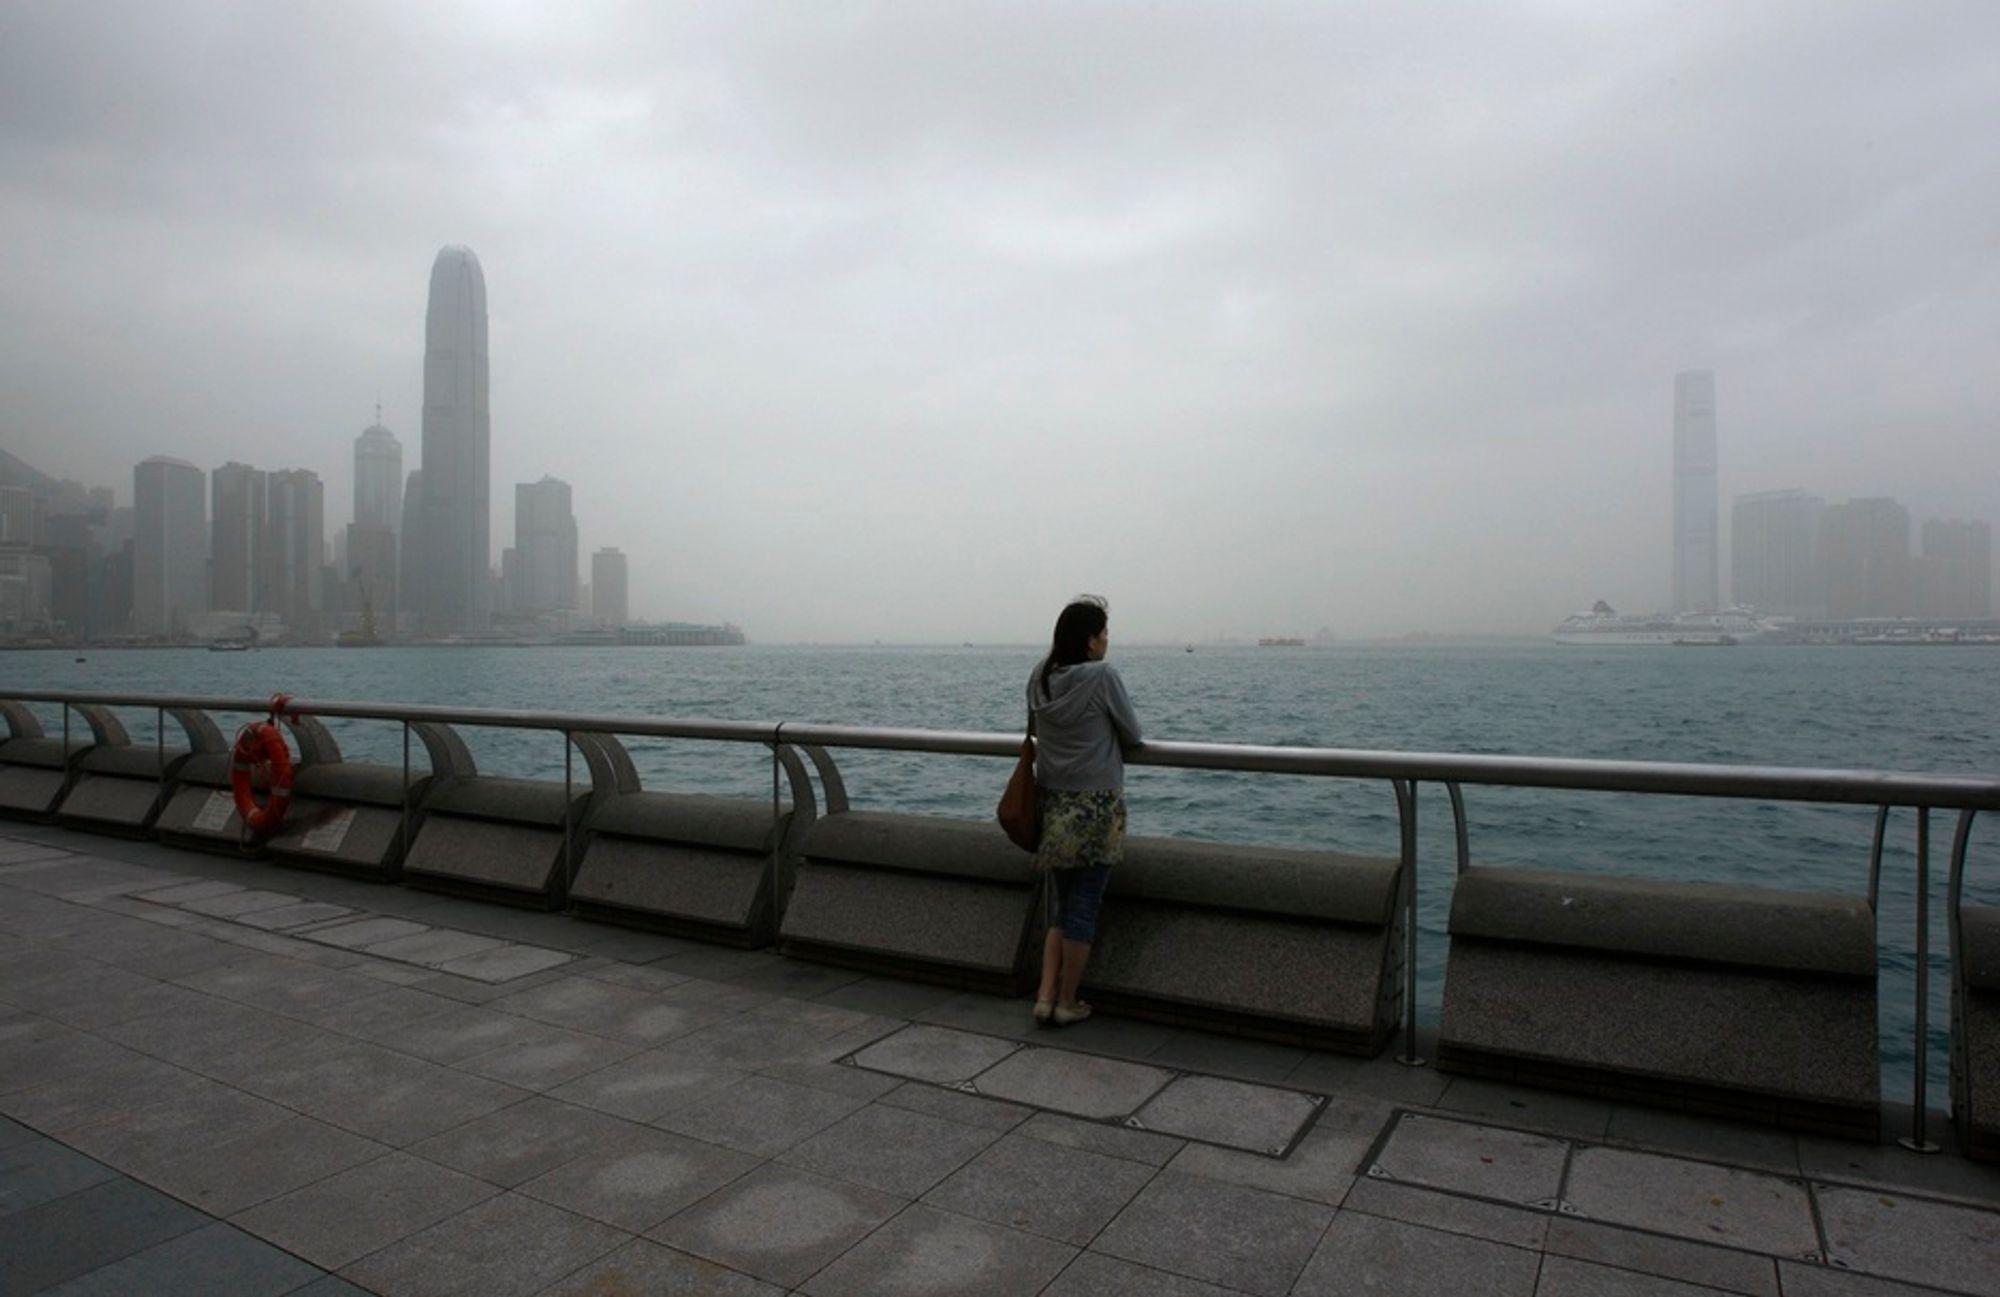 Forurensingsnivået i Hongkong nådde faretruende høyder mandag.